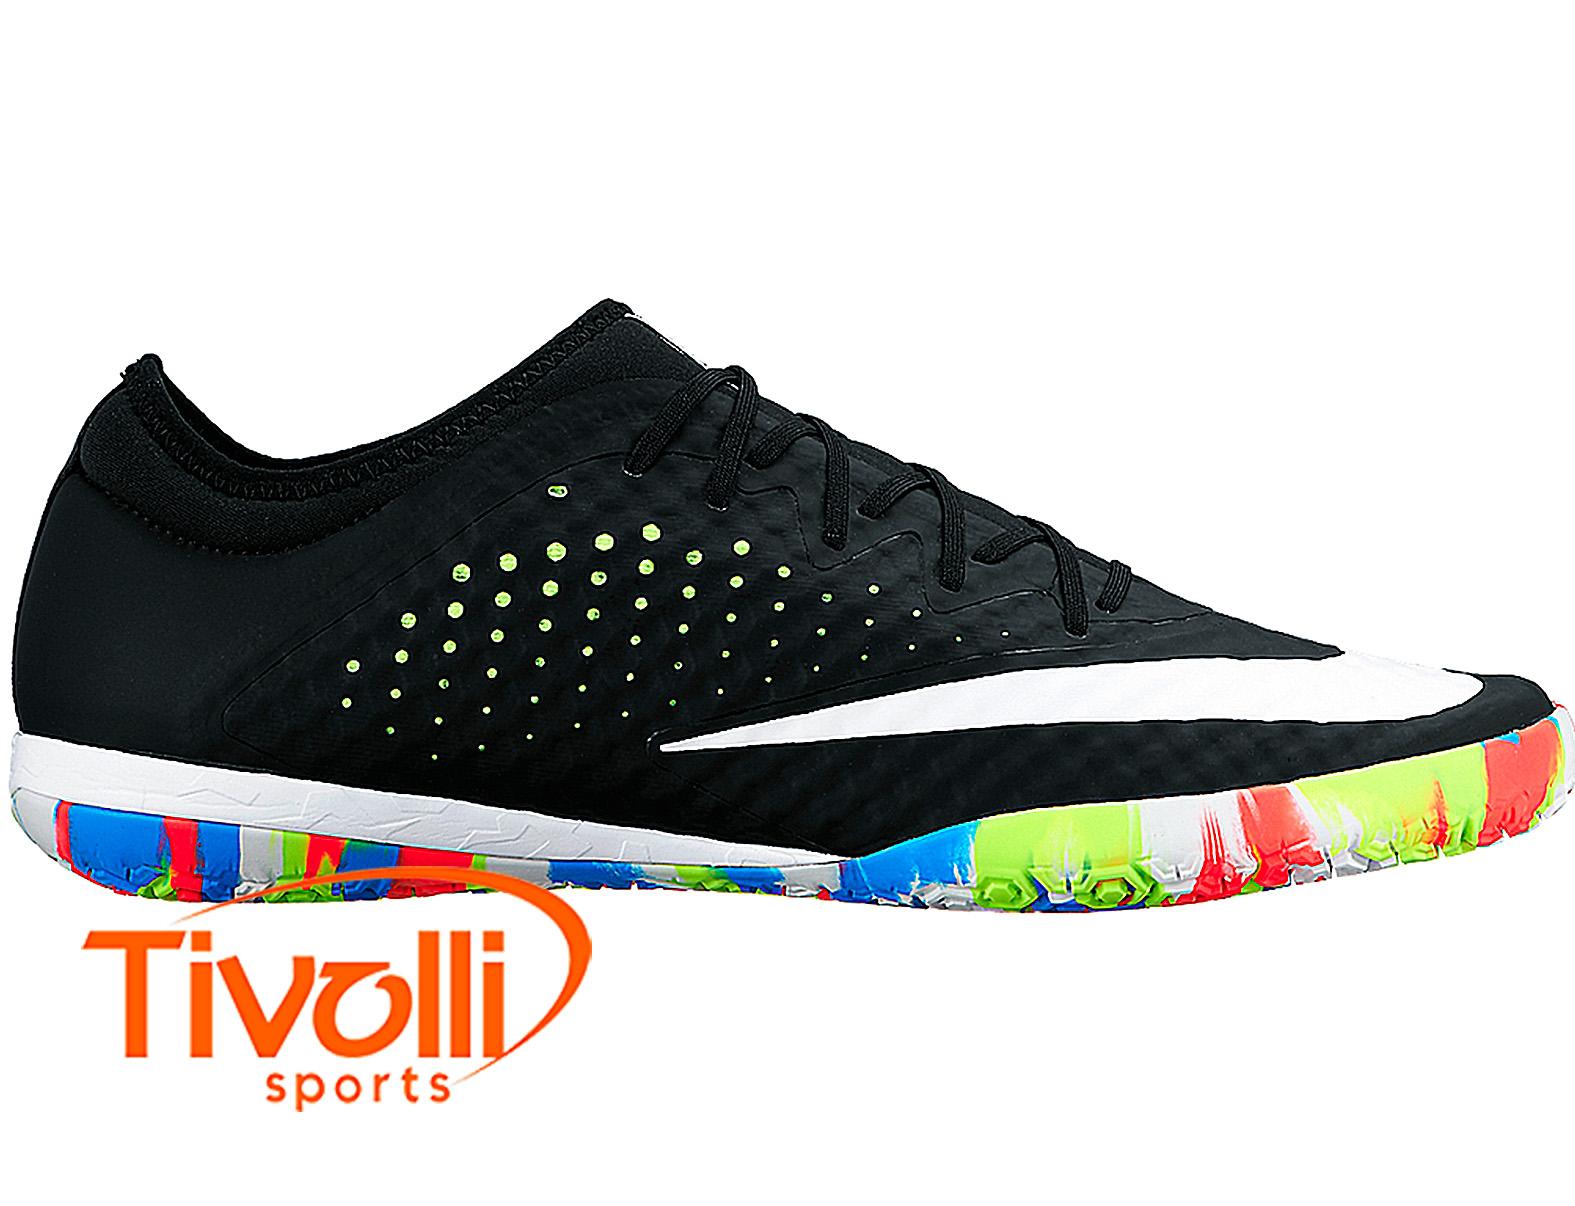 46d0d45a4f Chuteira Nike MercurialX Finale Street futsal salão preta e branca solado  colorido